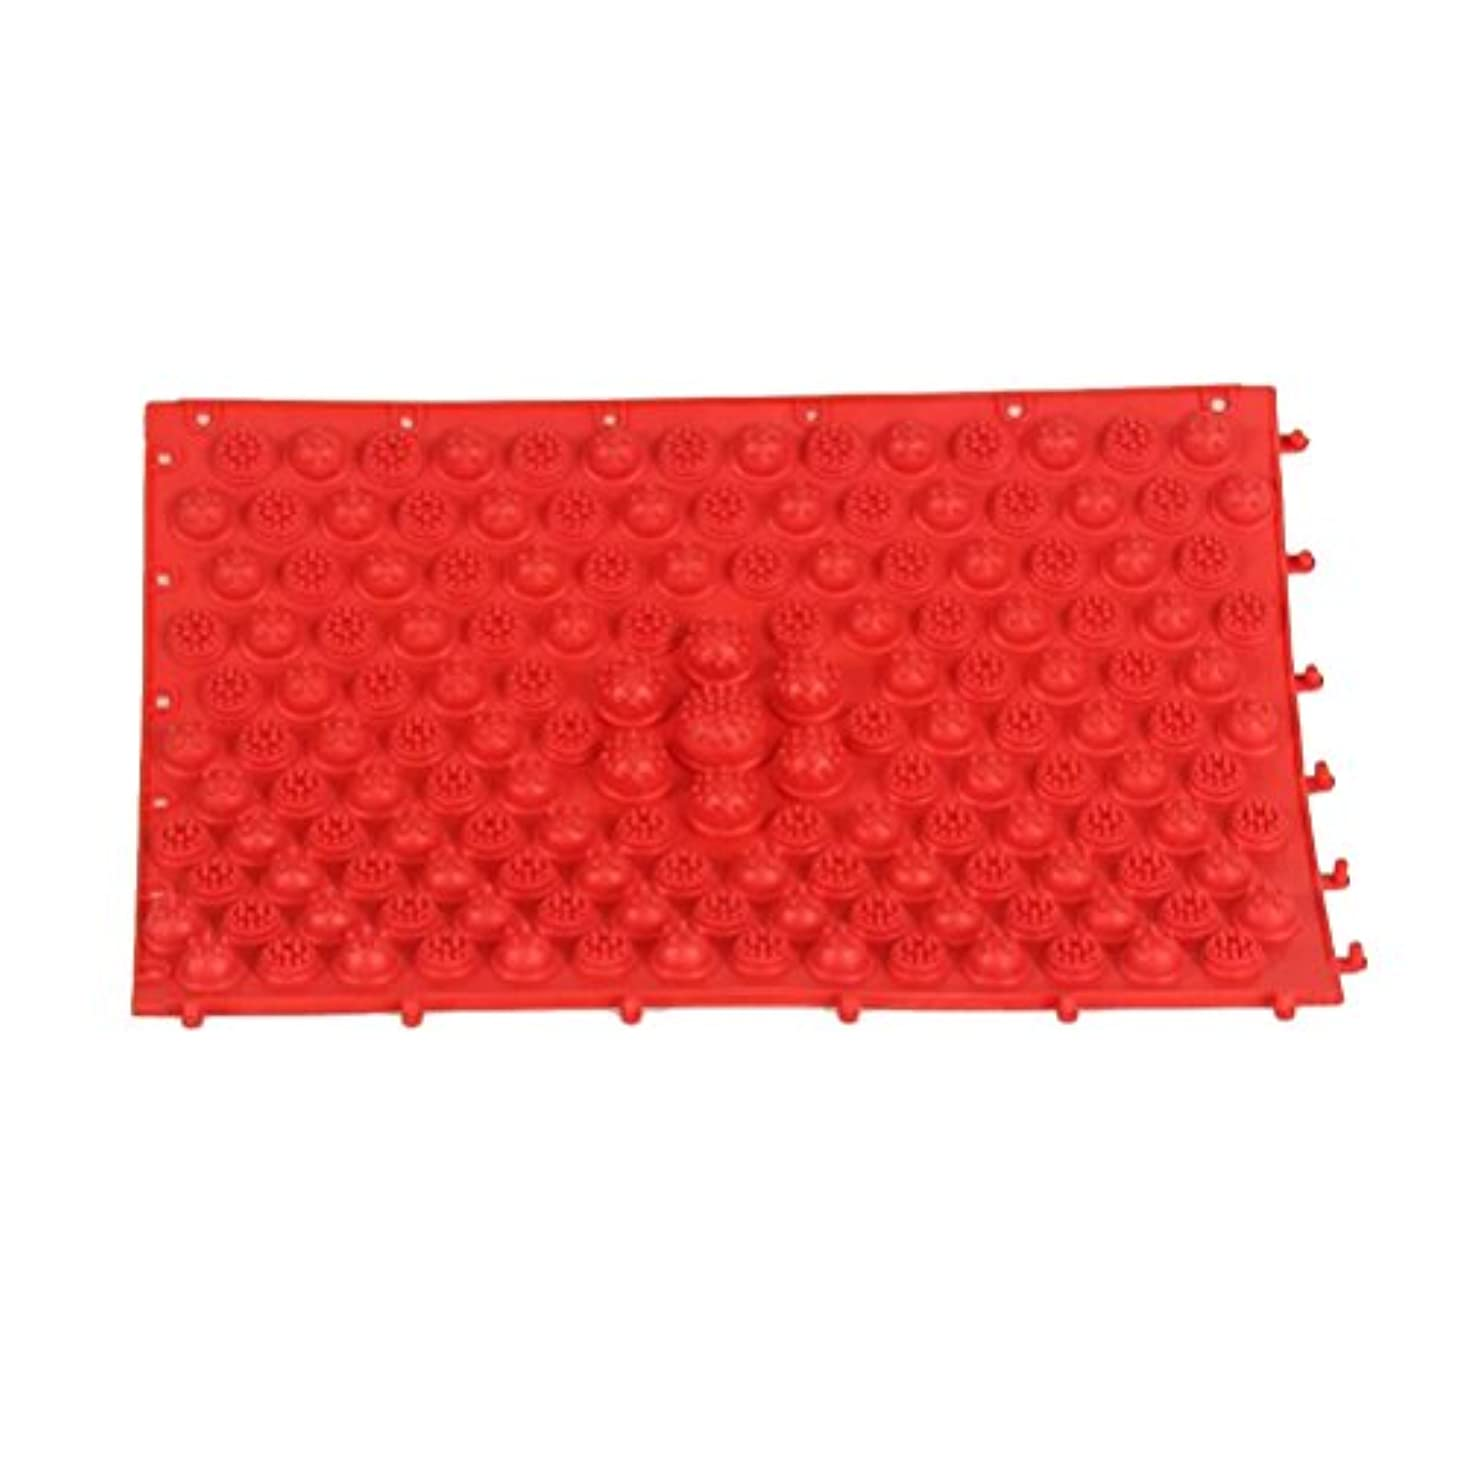 まつげ続編石油ROSENICE 足のマッサージマット血液循環指圧マットフィートヘルスケアマッサージプレート(赤)